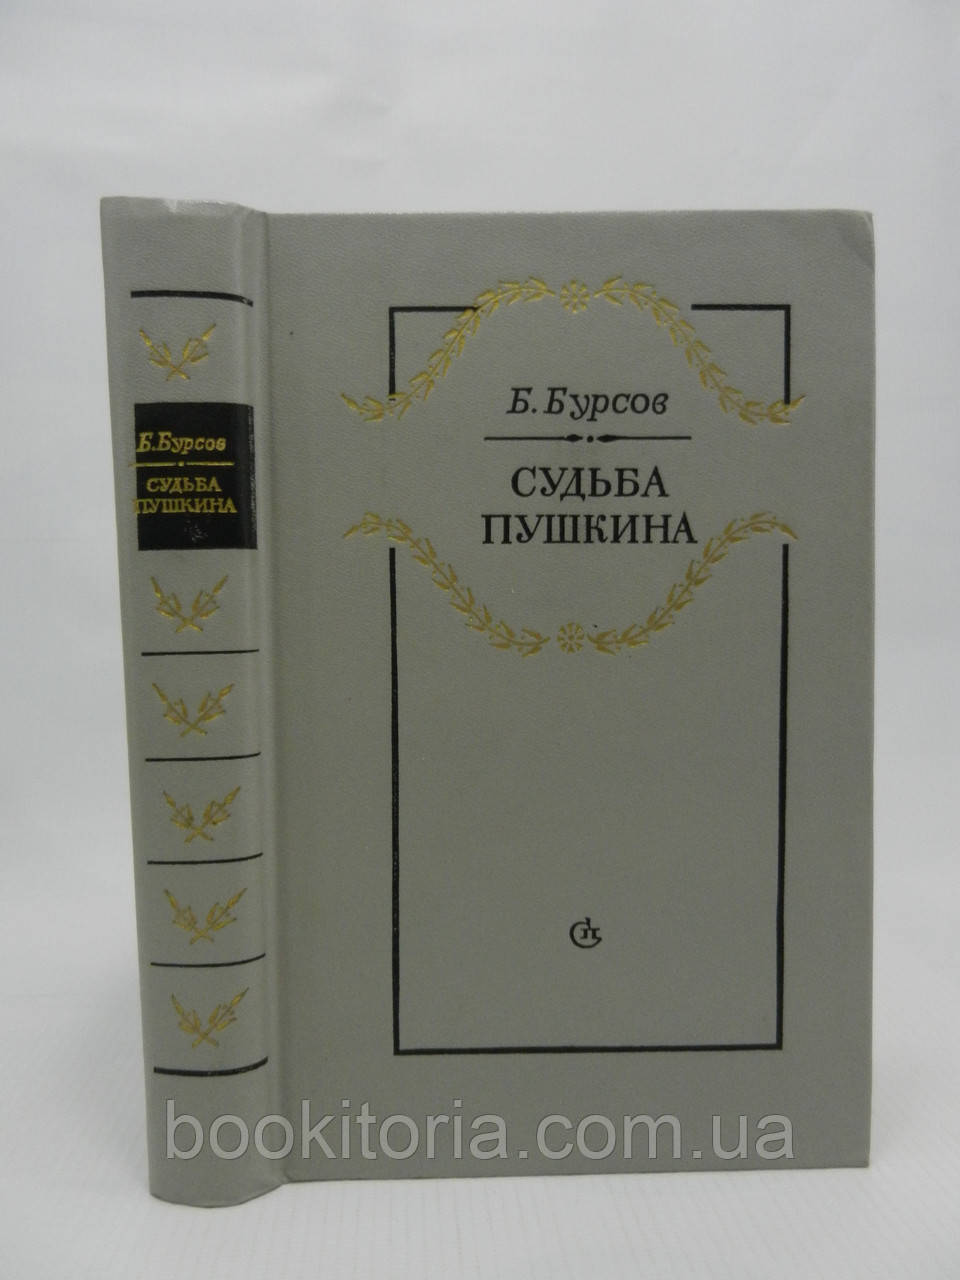 Бурсов Б. Судьба Пушкина (б/у).